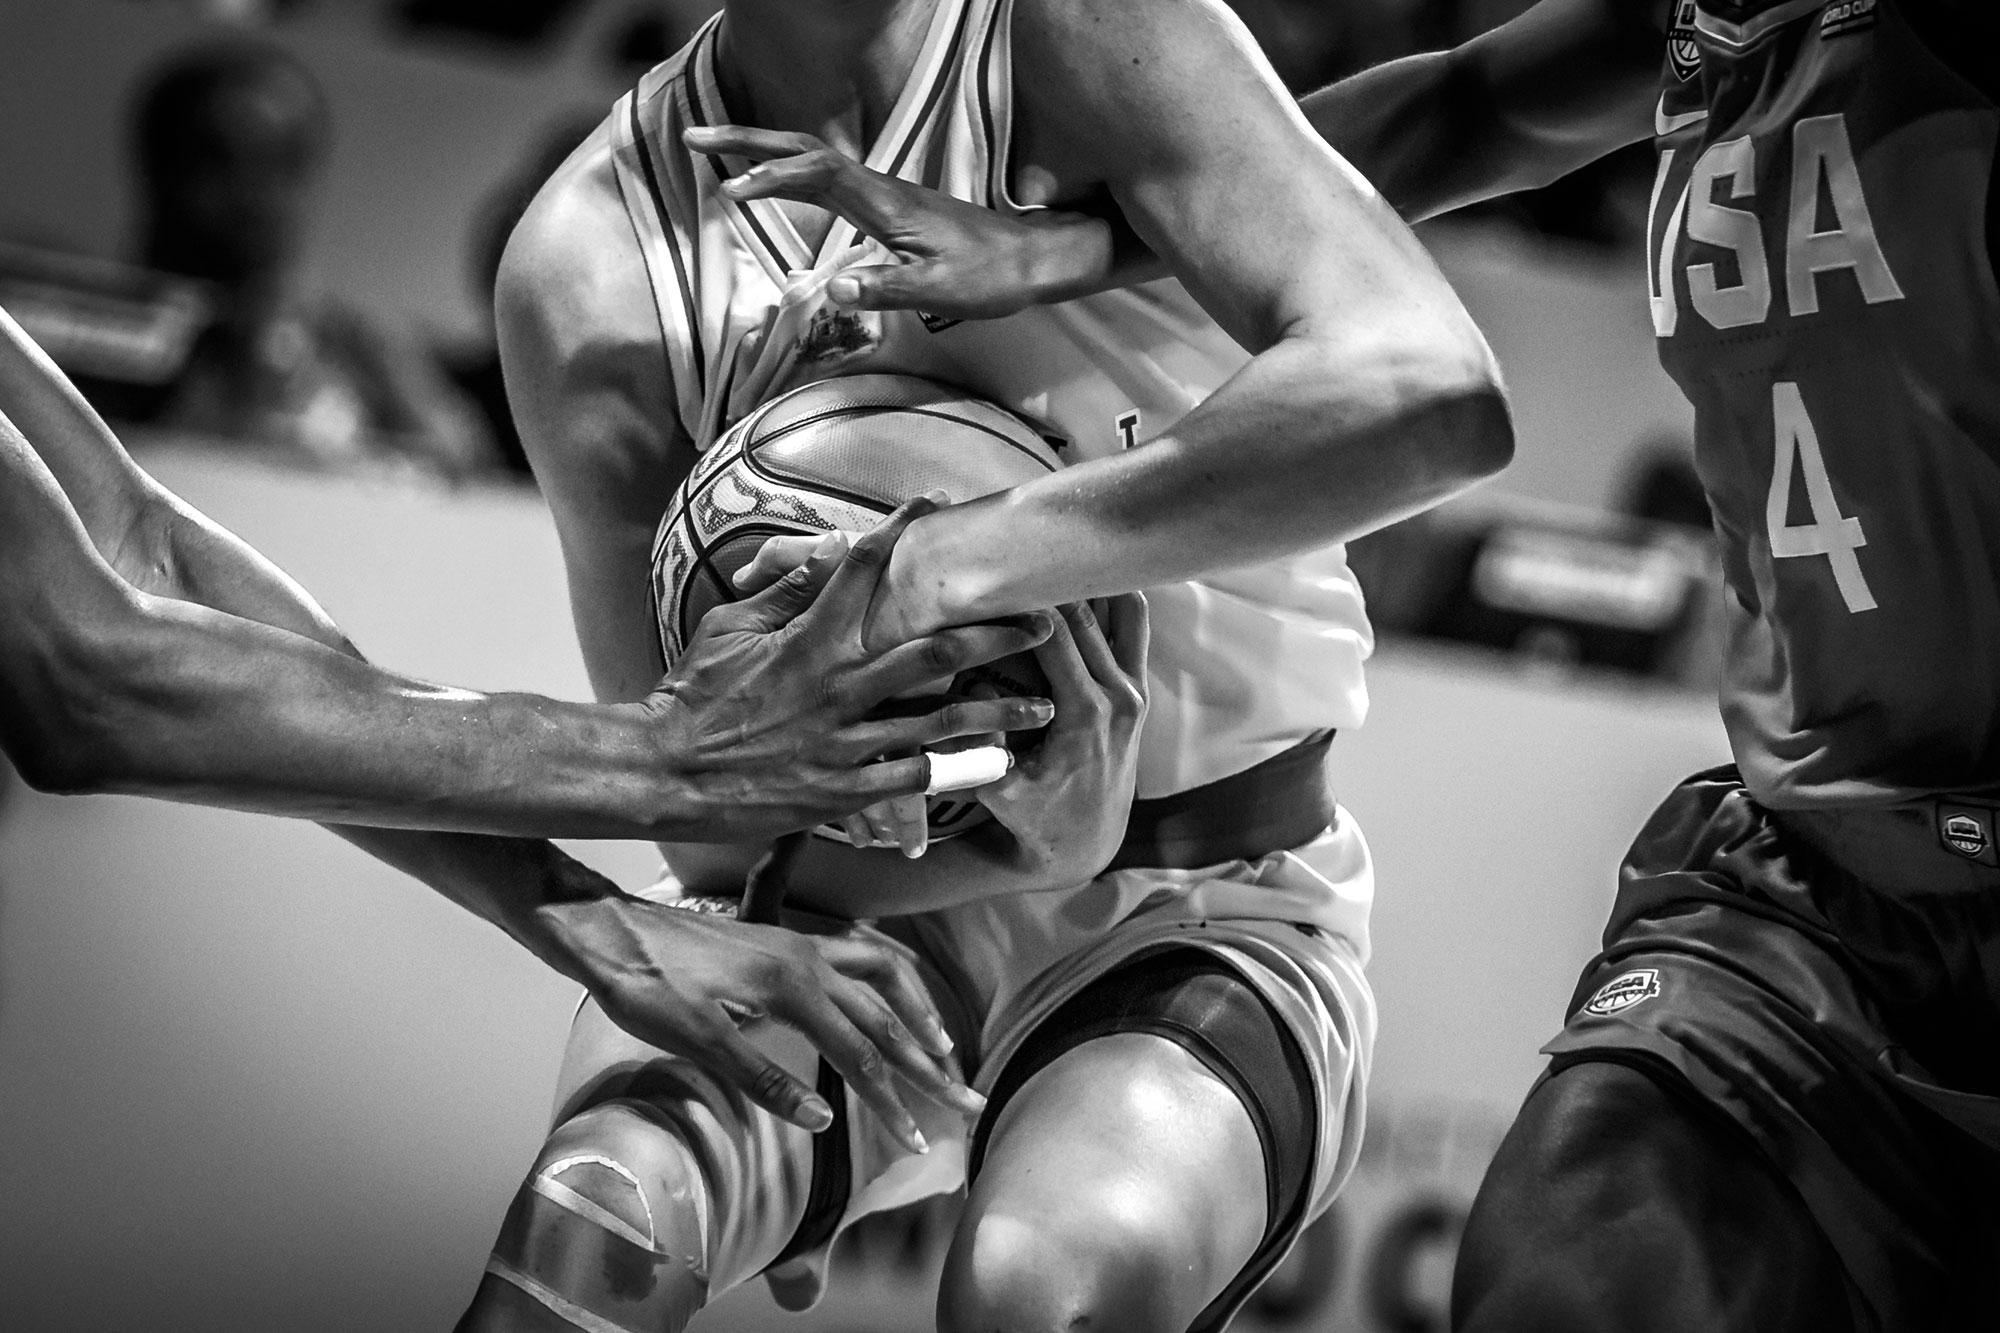 2018 FIBA Women's Basketball World Cup